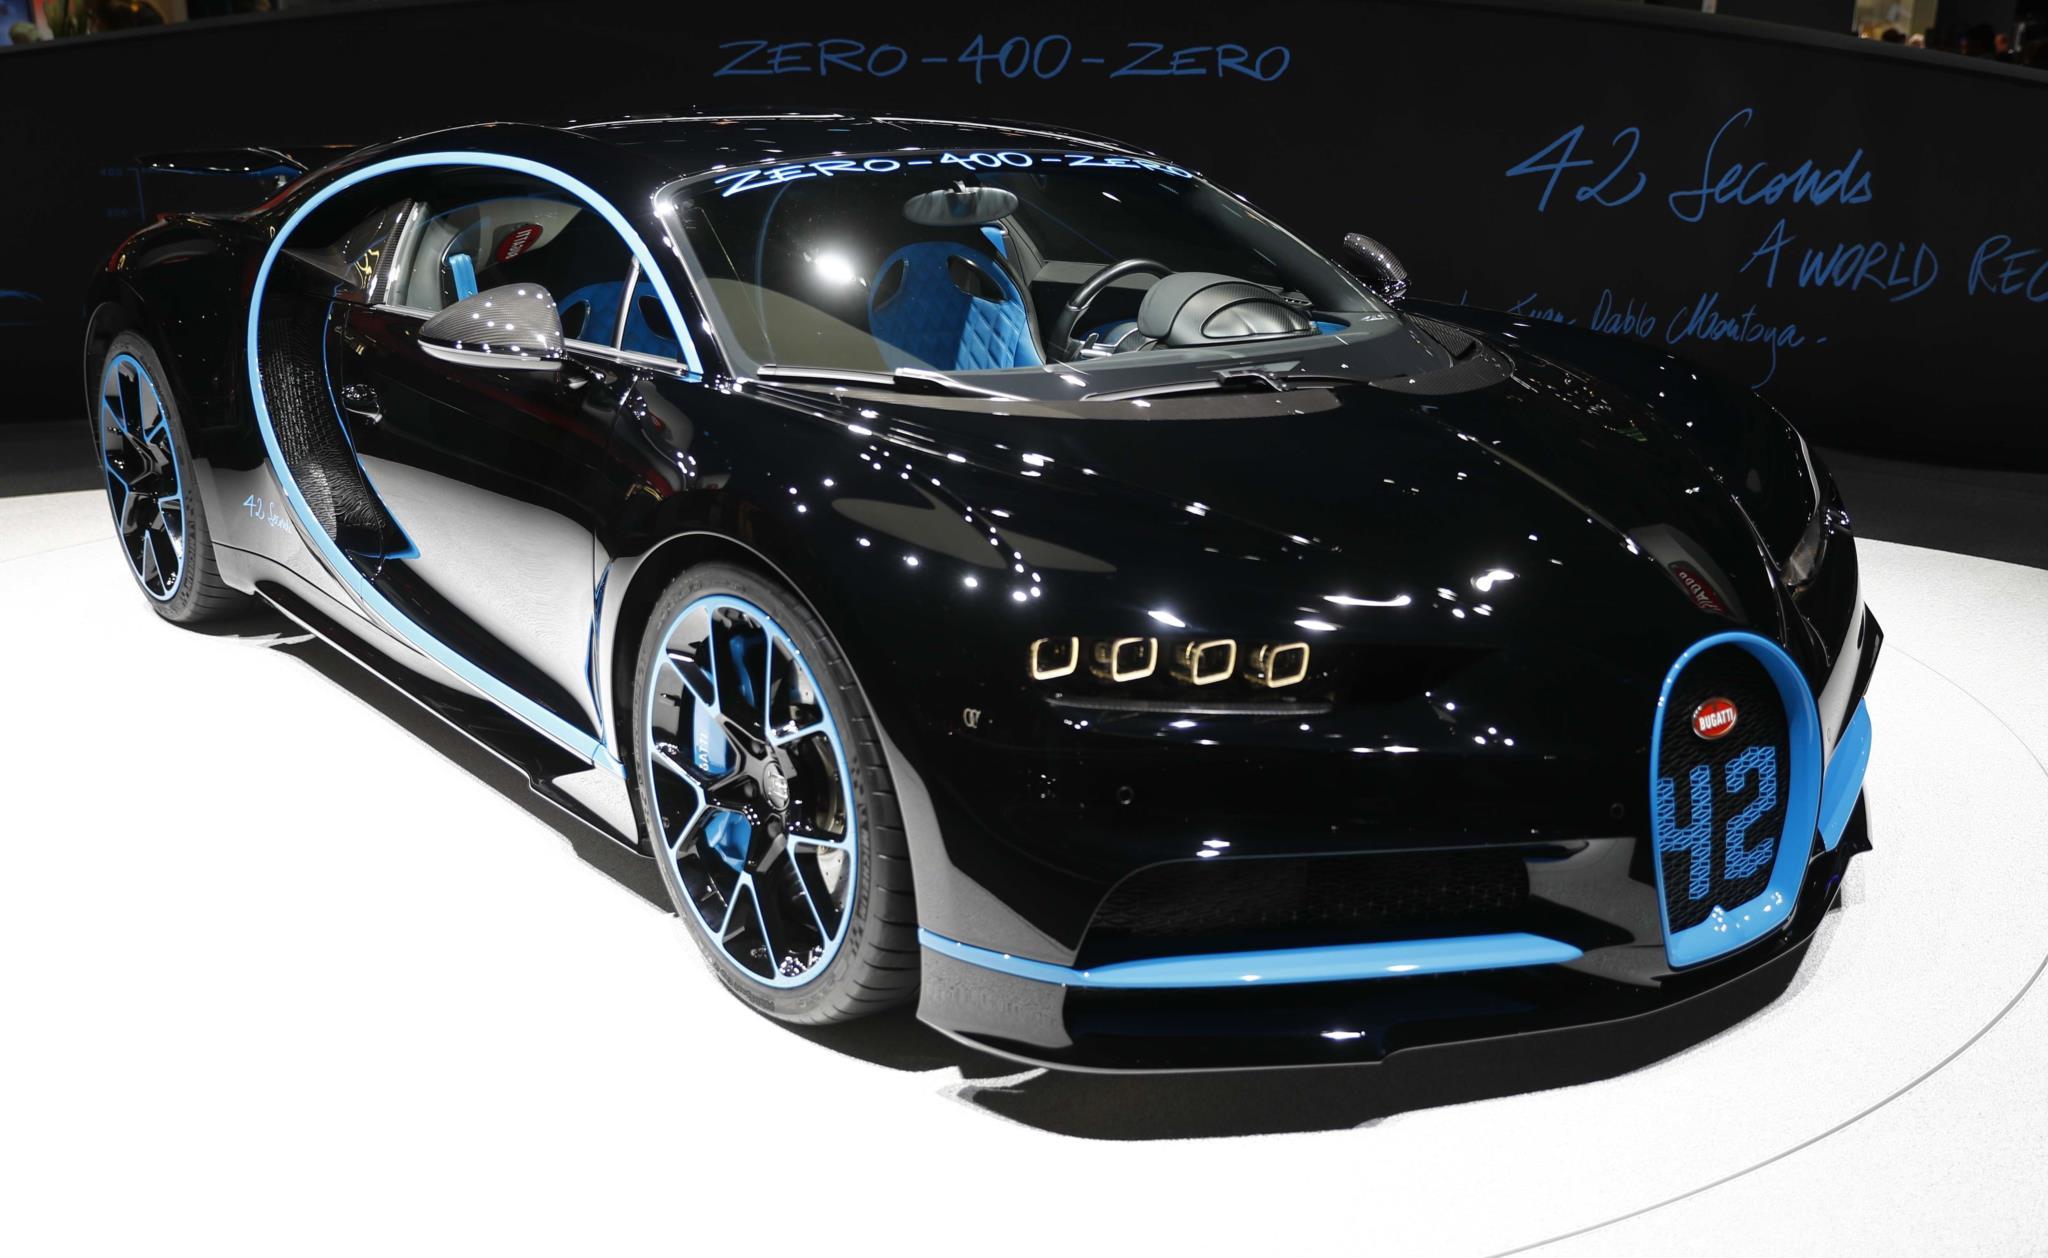 Bugatti Zero-400-Zero